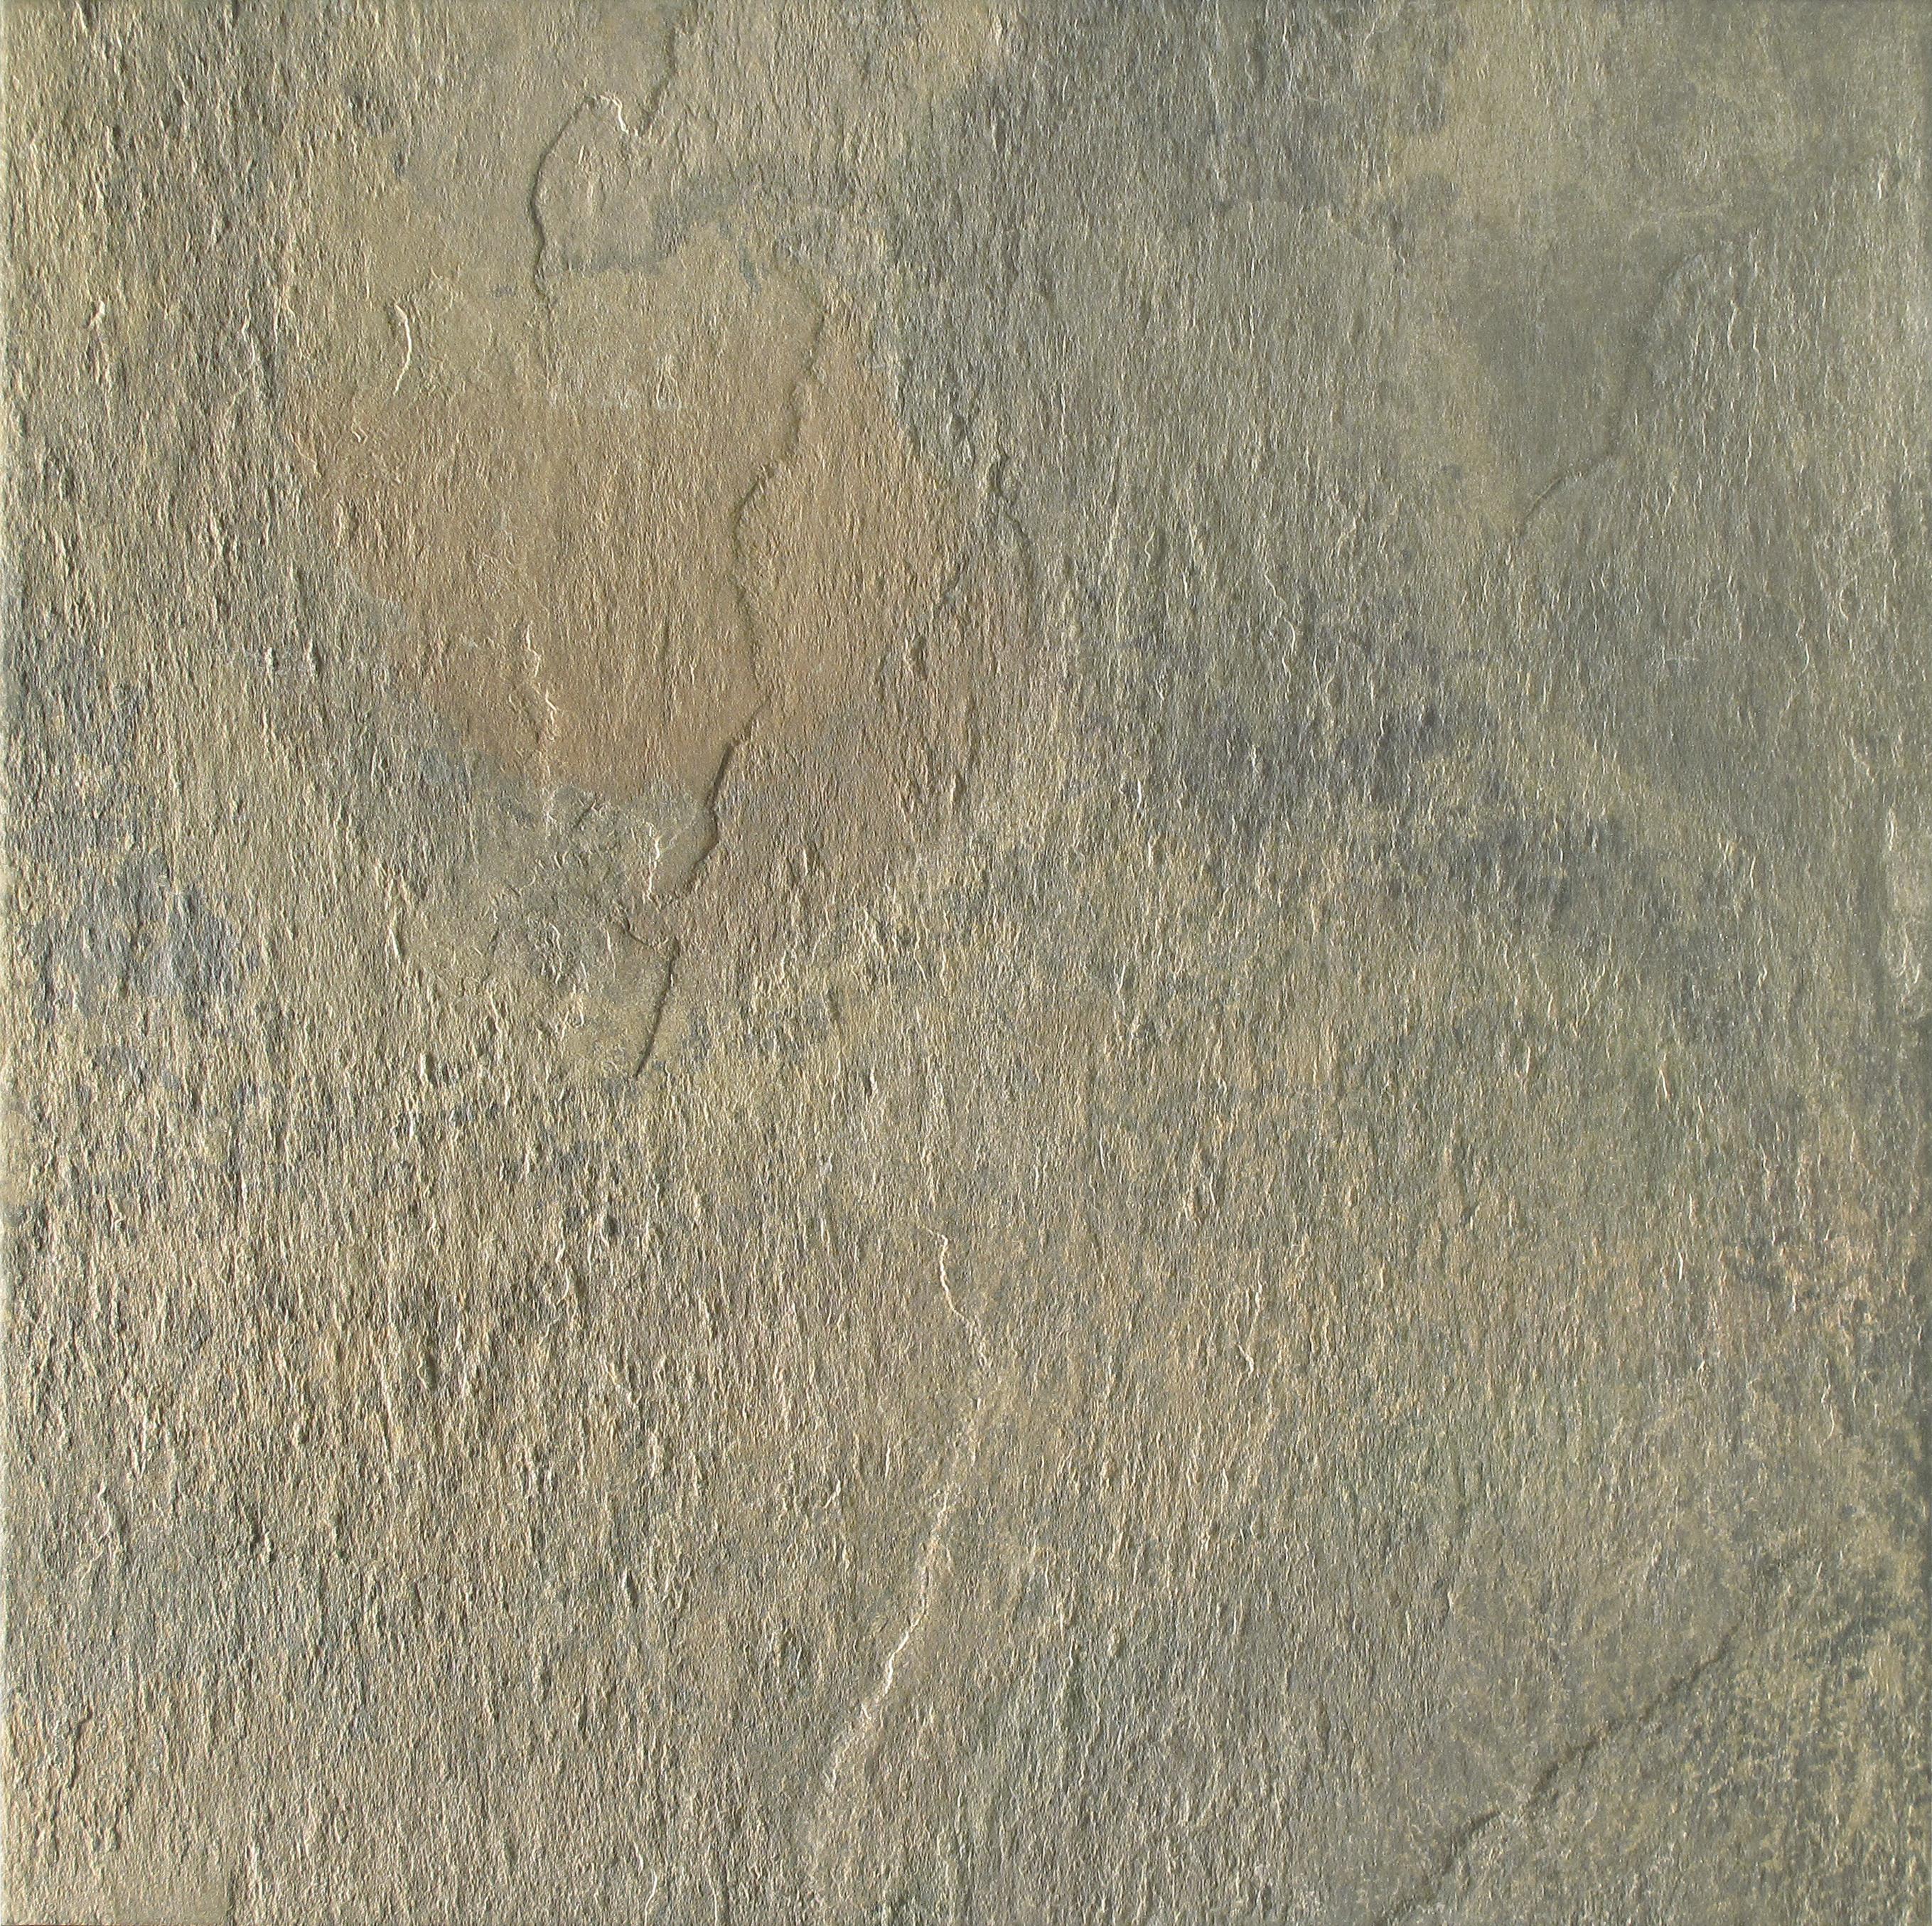 DEL CONCA Nat HNT3 g9nt03 Boden-/Wandfliese 60x60 matt